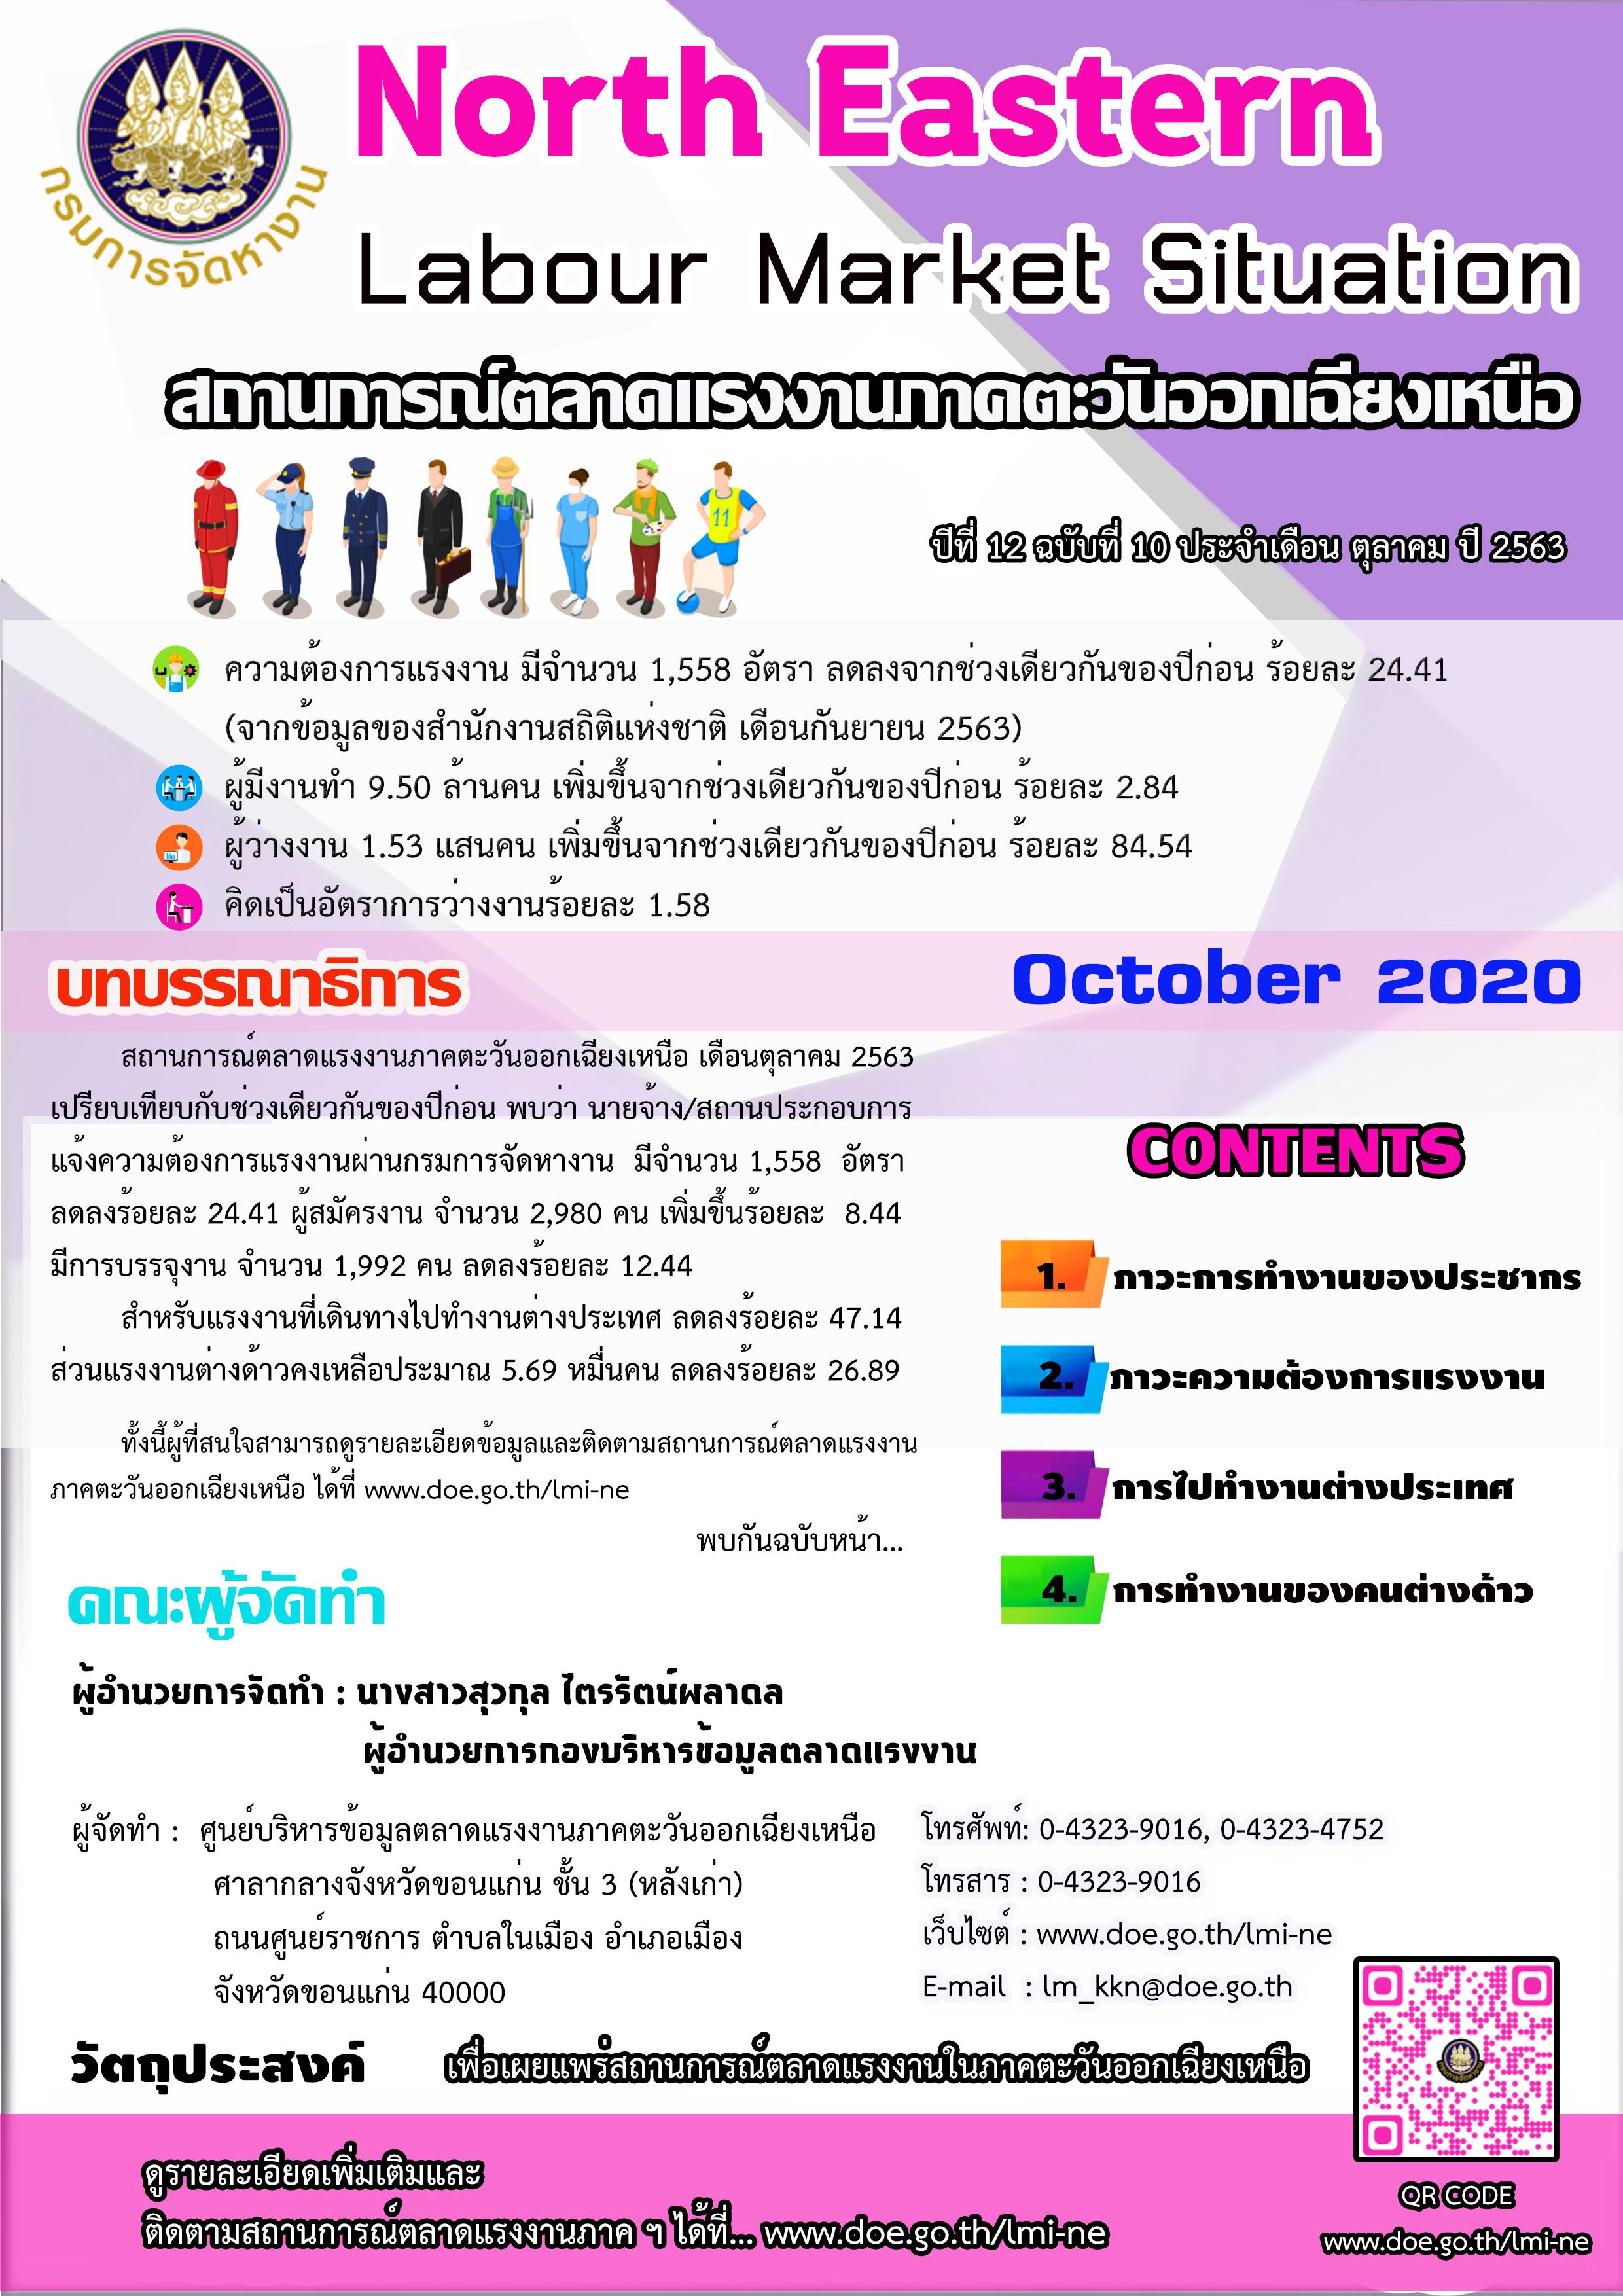 สถานการณ์ตลาดแรงงานภาค ฯ เดือนตุลาคม 2563 infographic